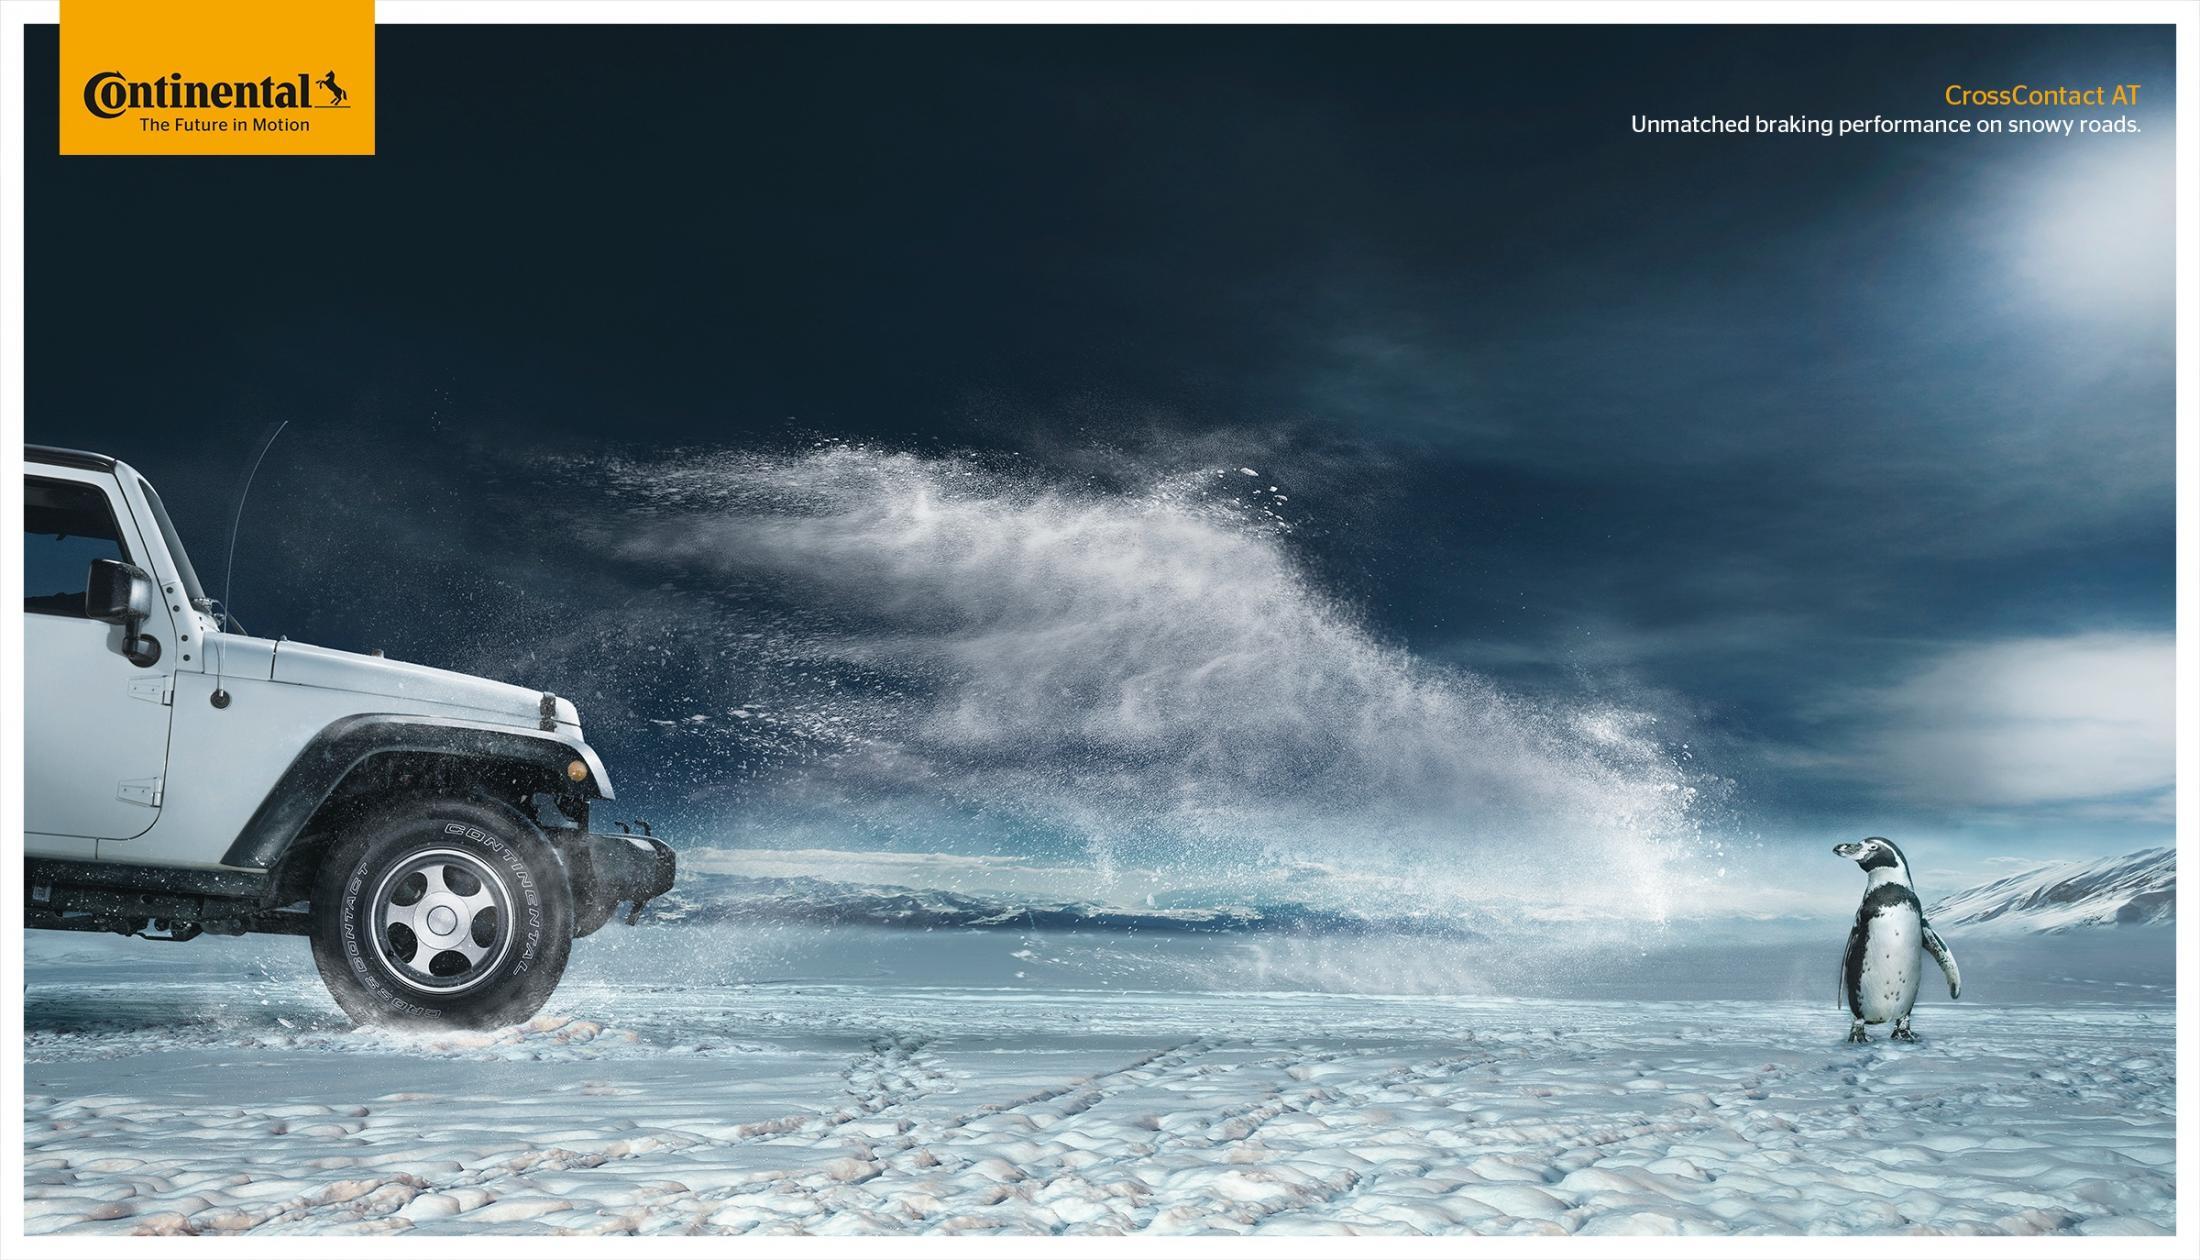 Bon courage aux Parisiens : les 80 publicités les plus créatives sur la Neige #neigeparis 63